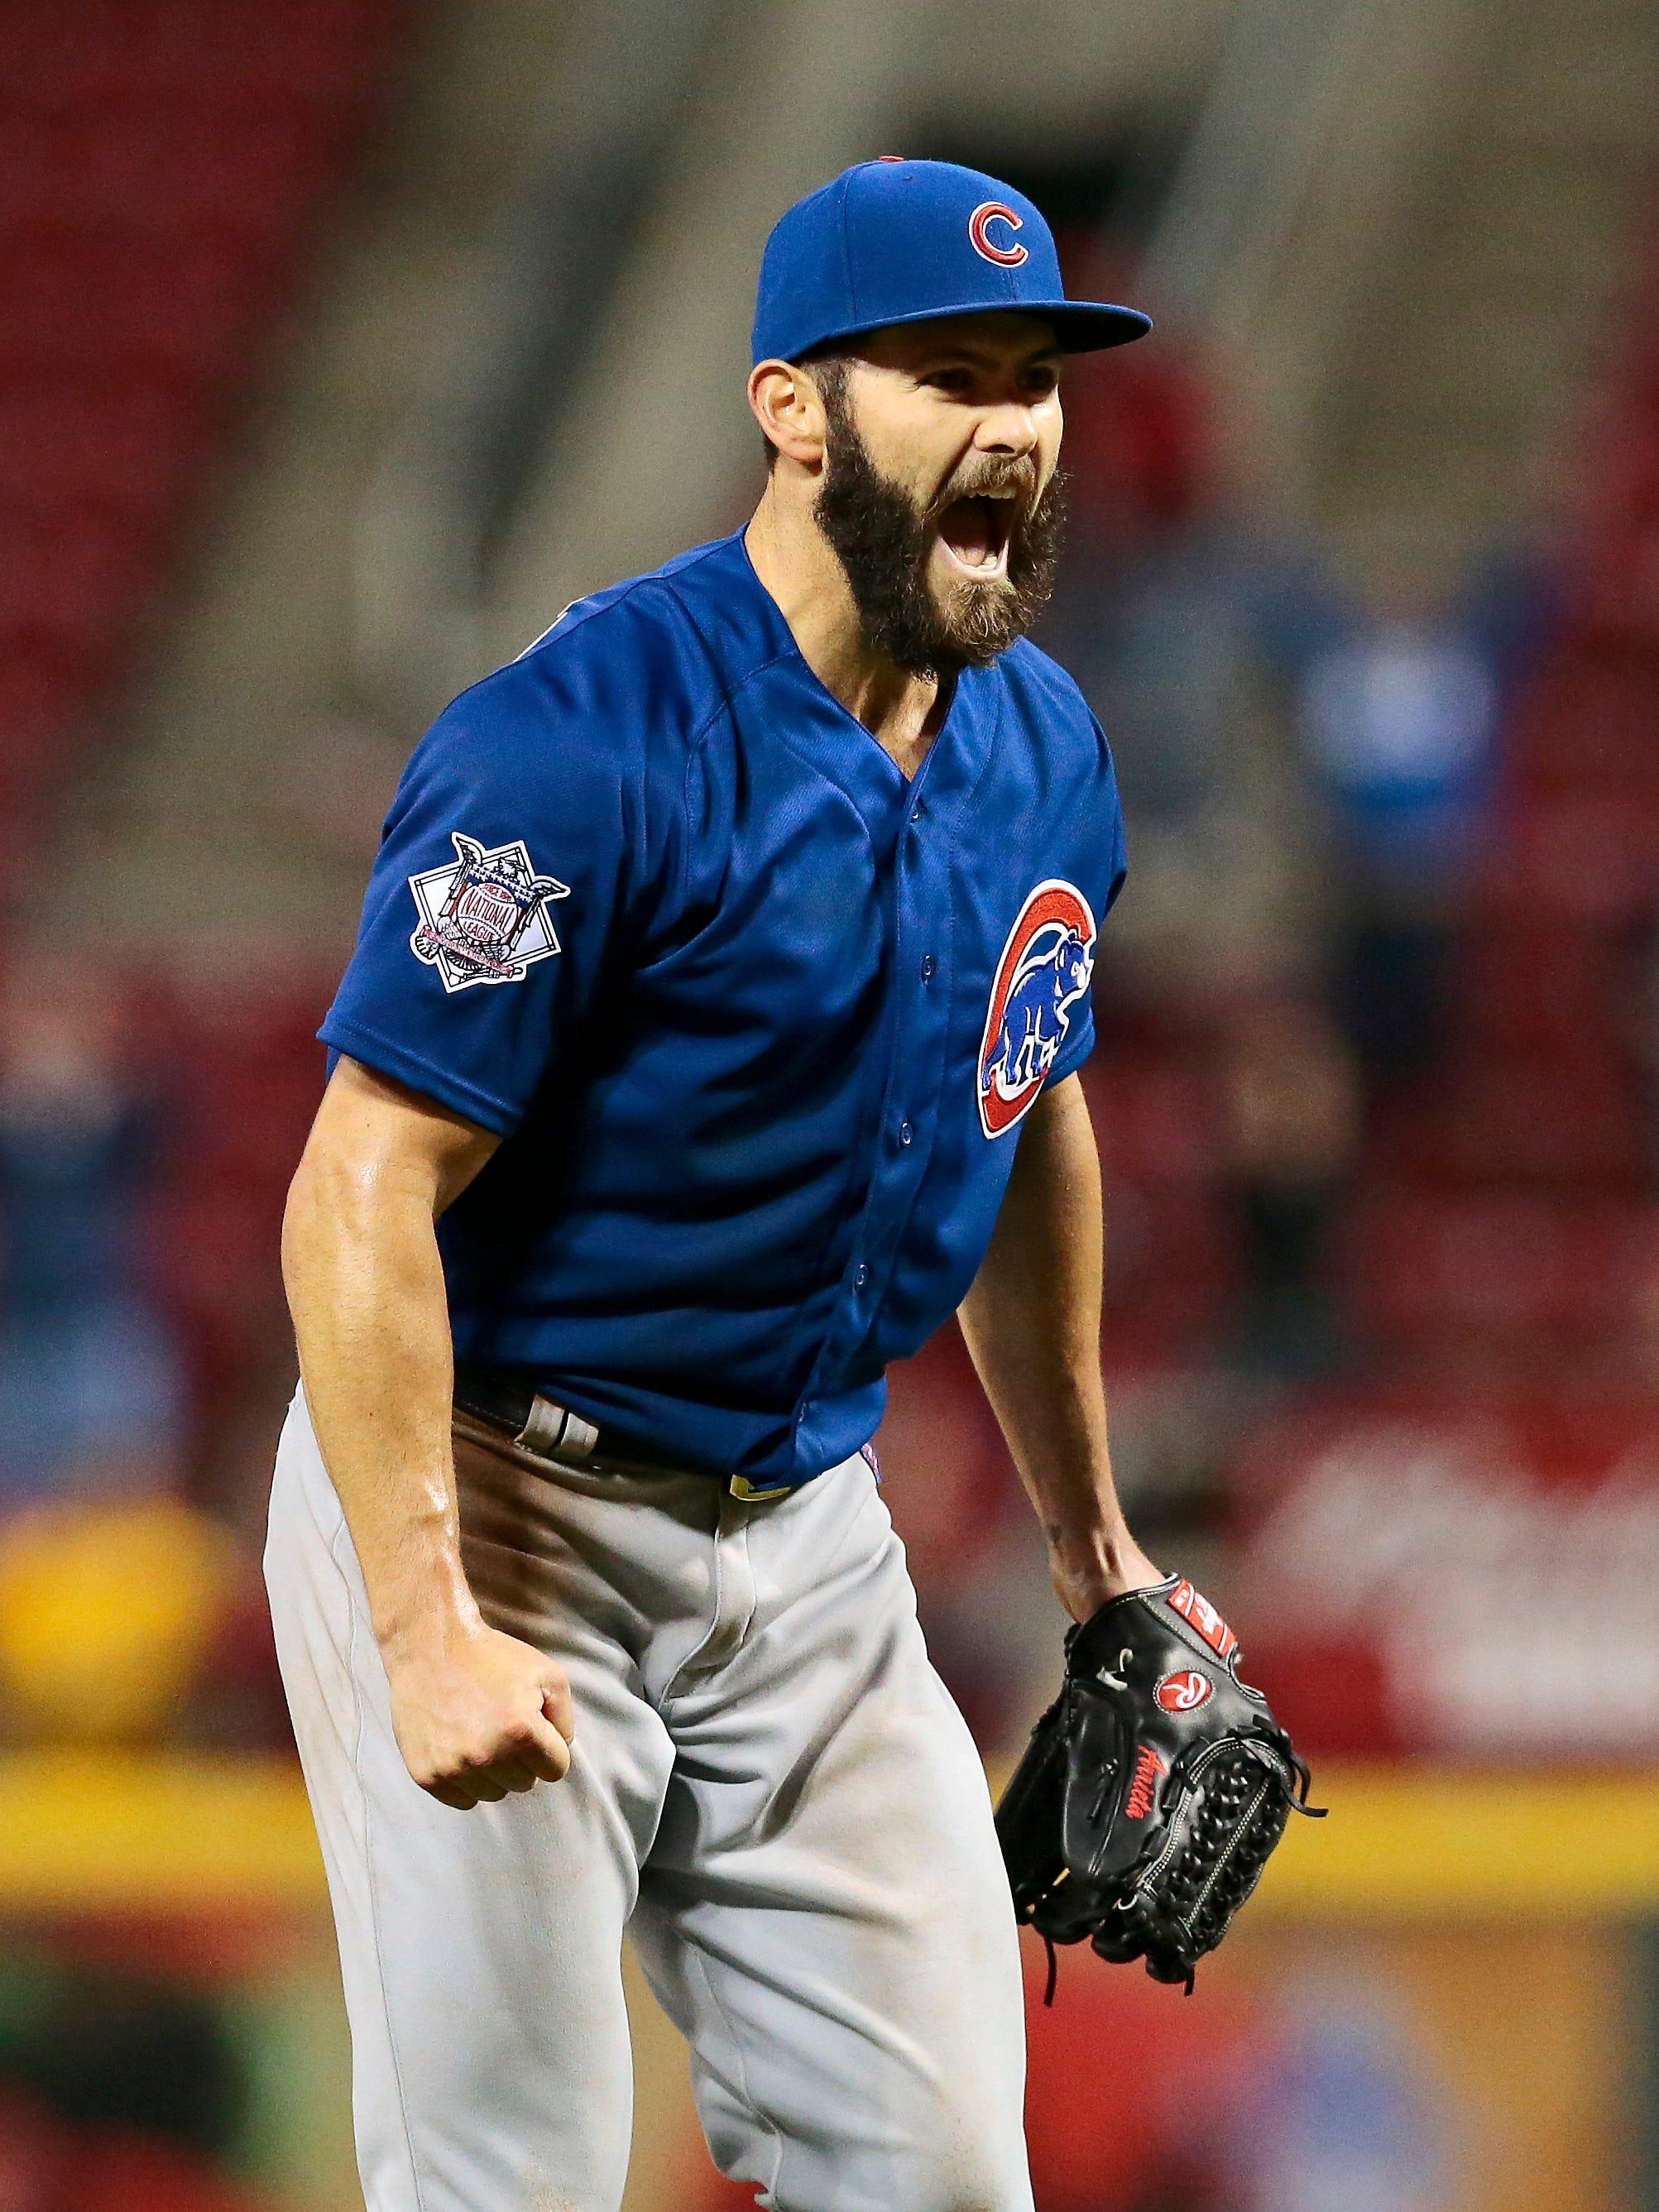 Jake Arrieta Chicago Cubs Baseball Player Jersey